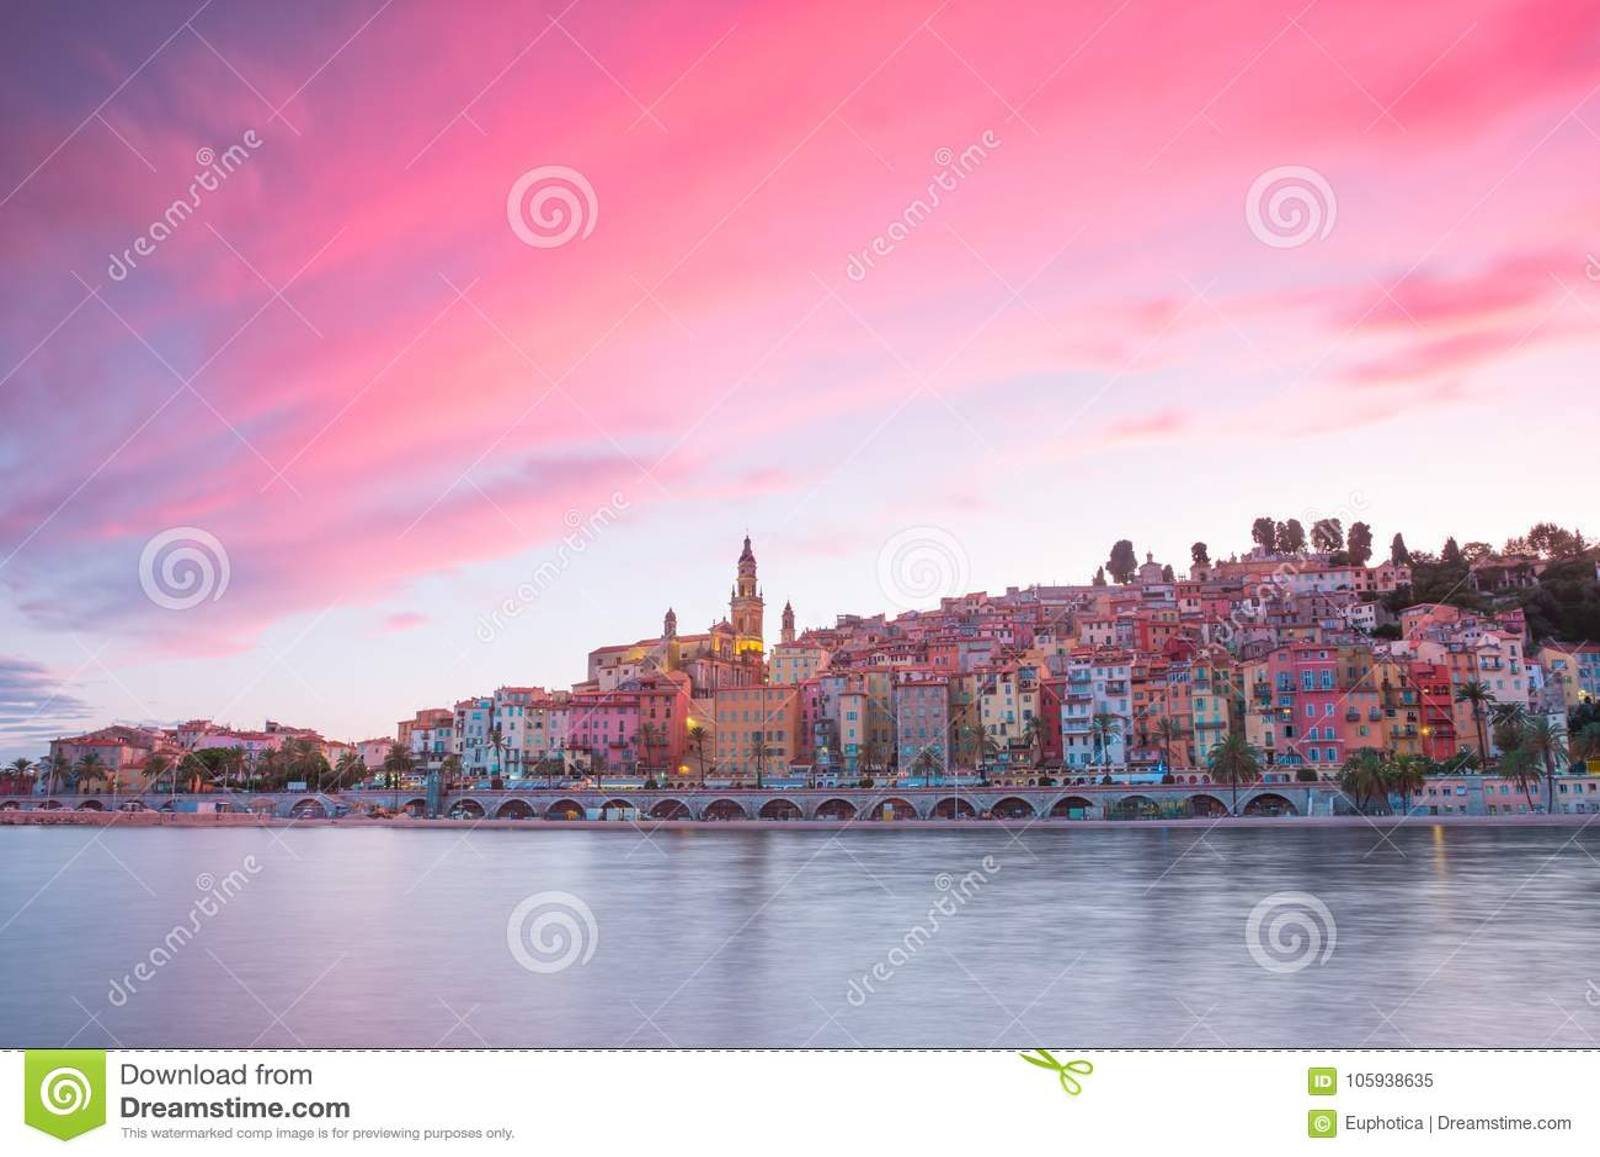 Menton-Stadt nachts, französisches Riviera, goldene Stunde vor Sonnenuntergang